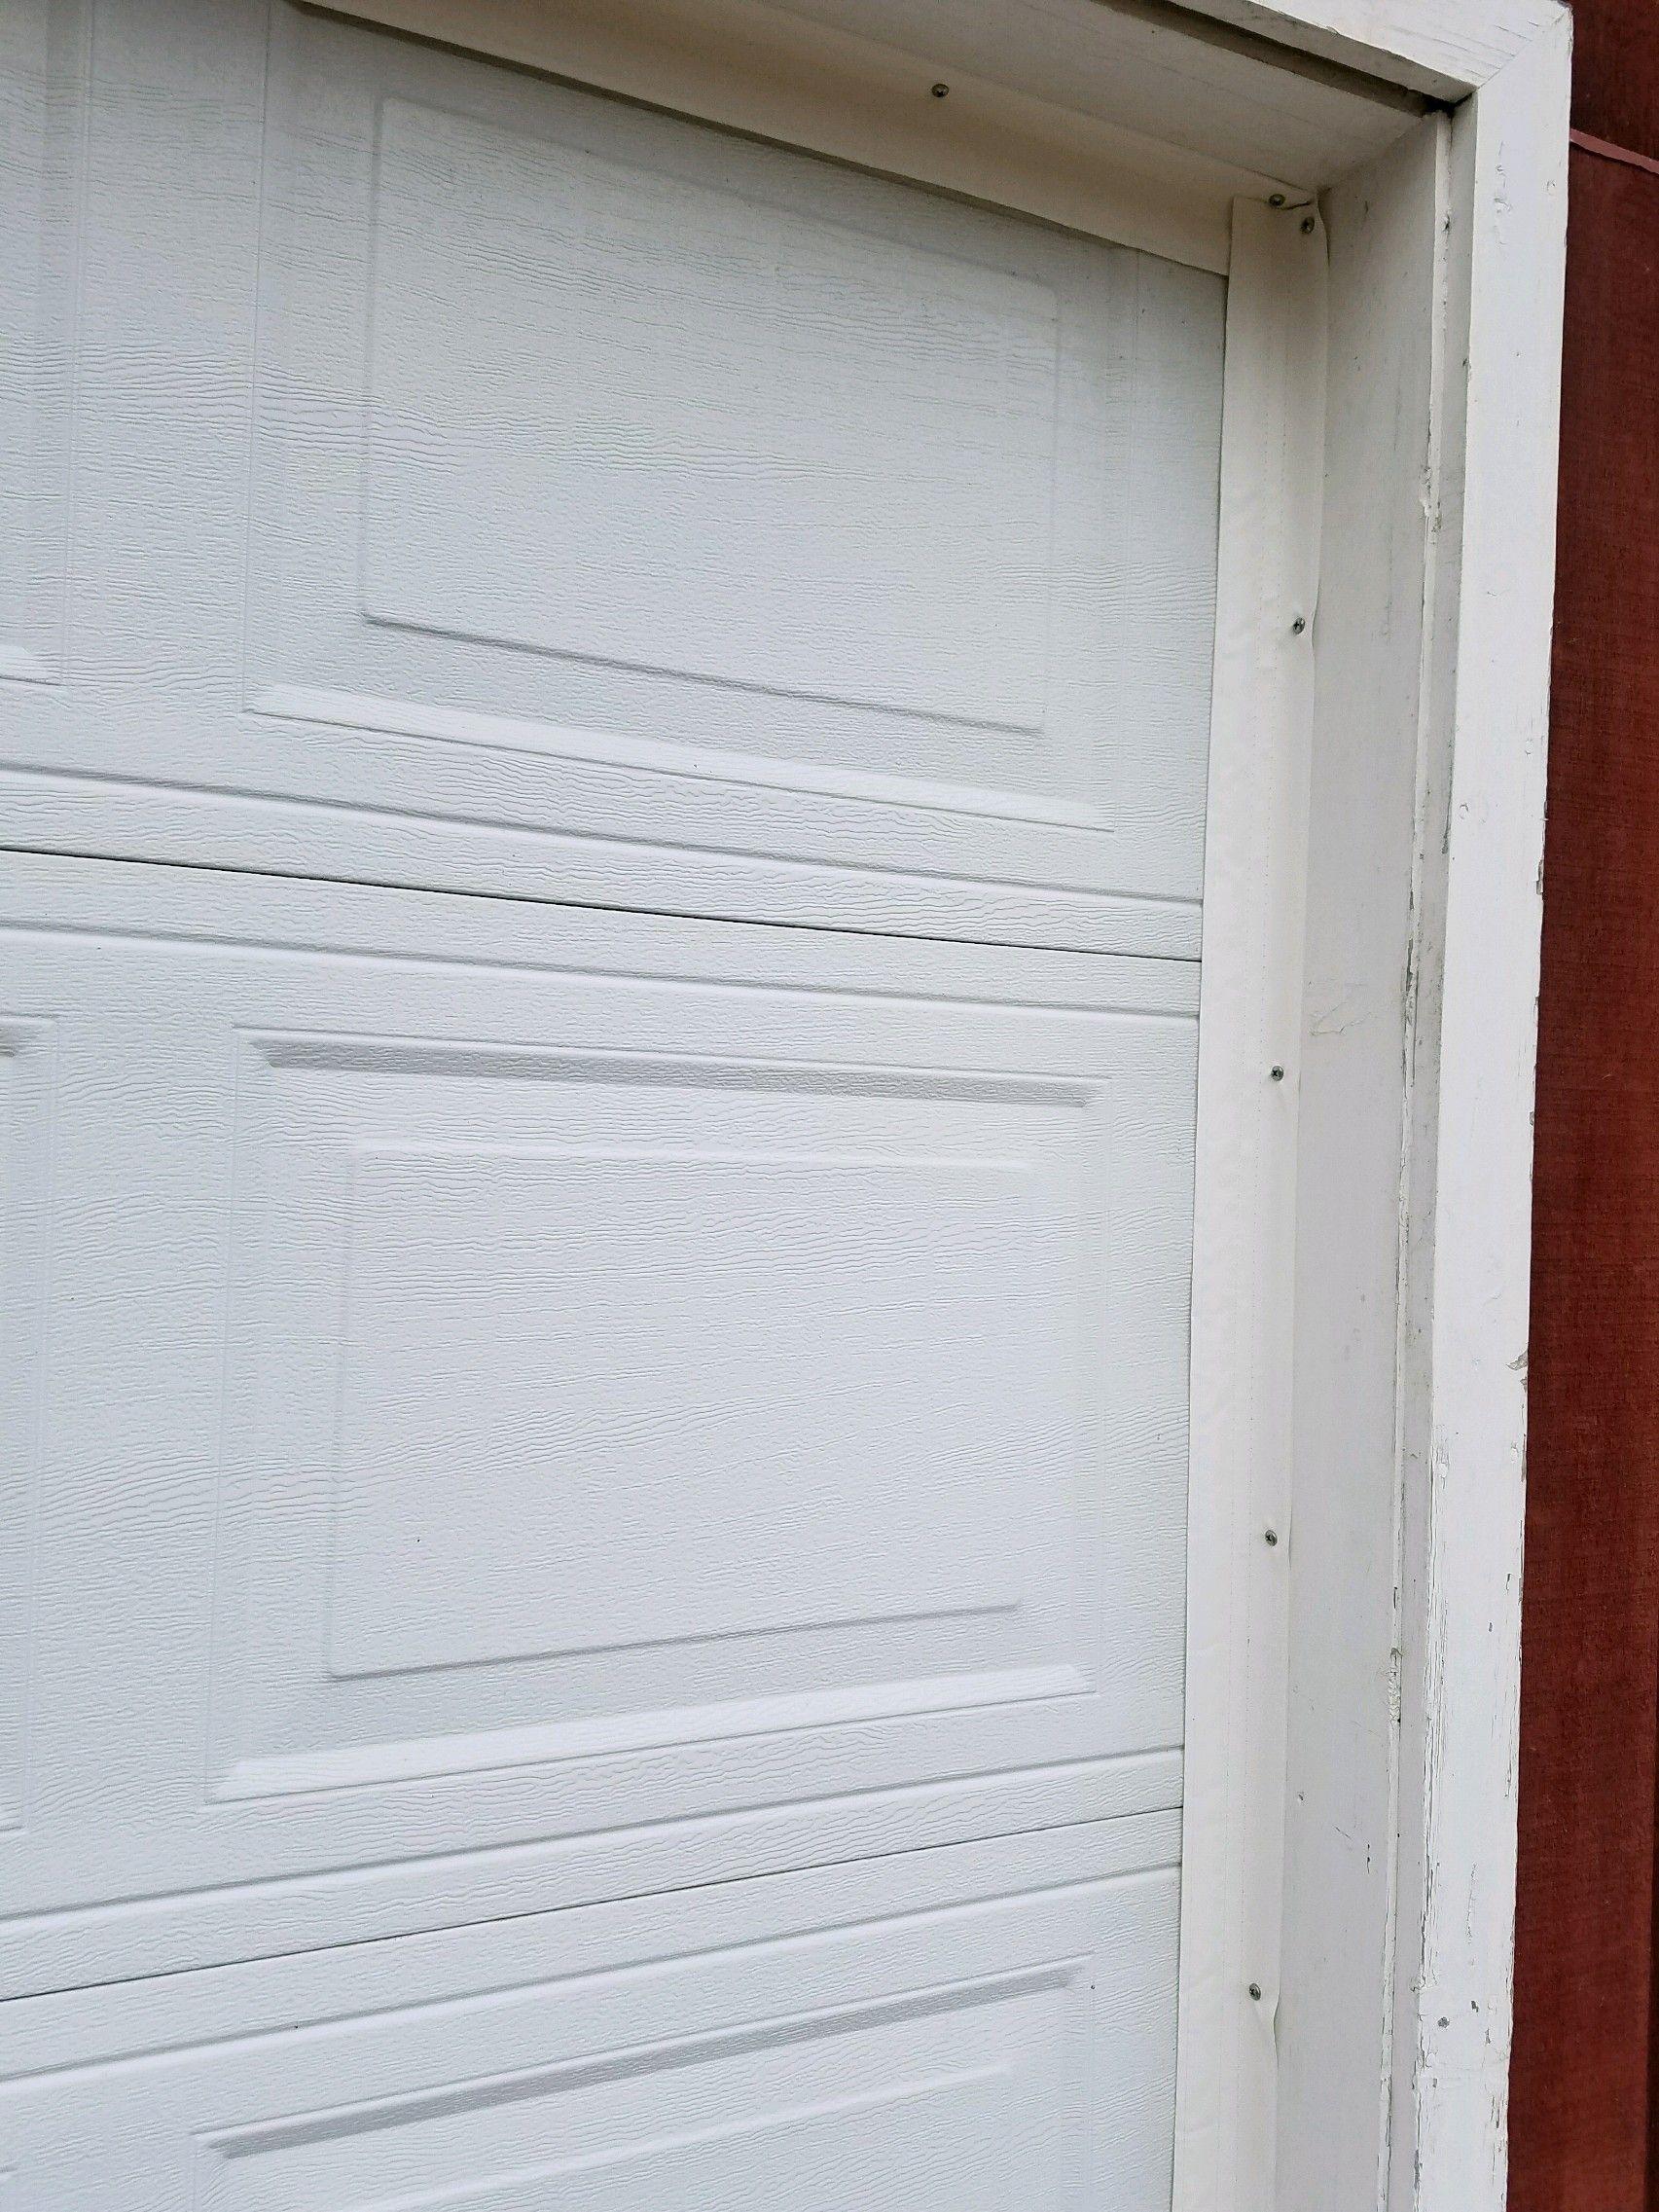 A Garage Door Seal Gap Seal And Threshold Seal That Mounts To The Inside Face Of The Door Instead Of The Bottom In 2021 Garage Doors Ultimate Garage Garage Door Seal